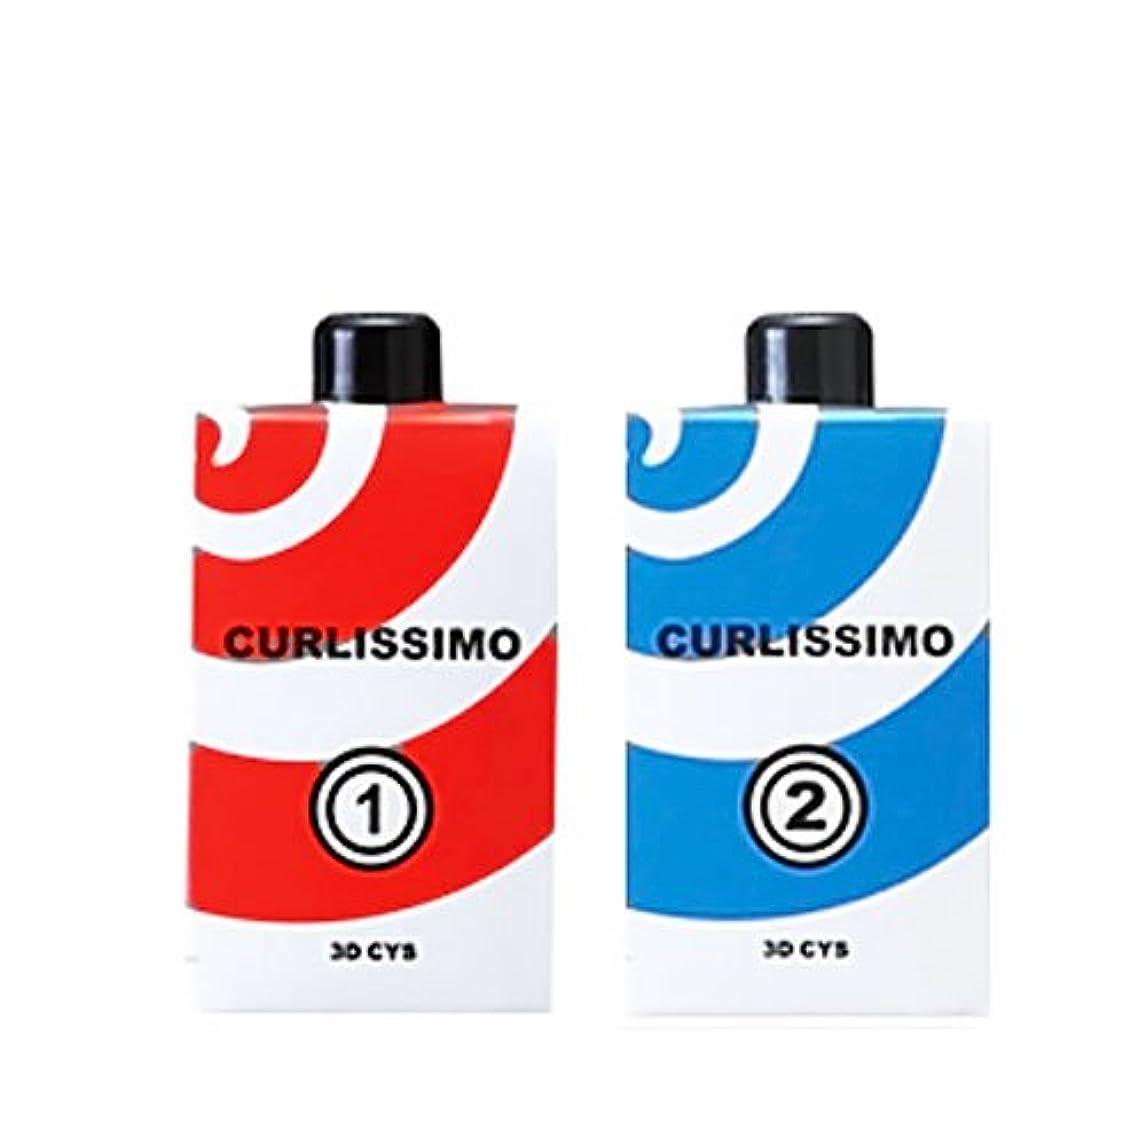 金属たくさんのダニムコタ カーリッシモ 3D CYS(システイン タイプ) 各400ml【パーマ液】【1剤?2剤】MUCOTA CURLISSIMO